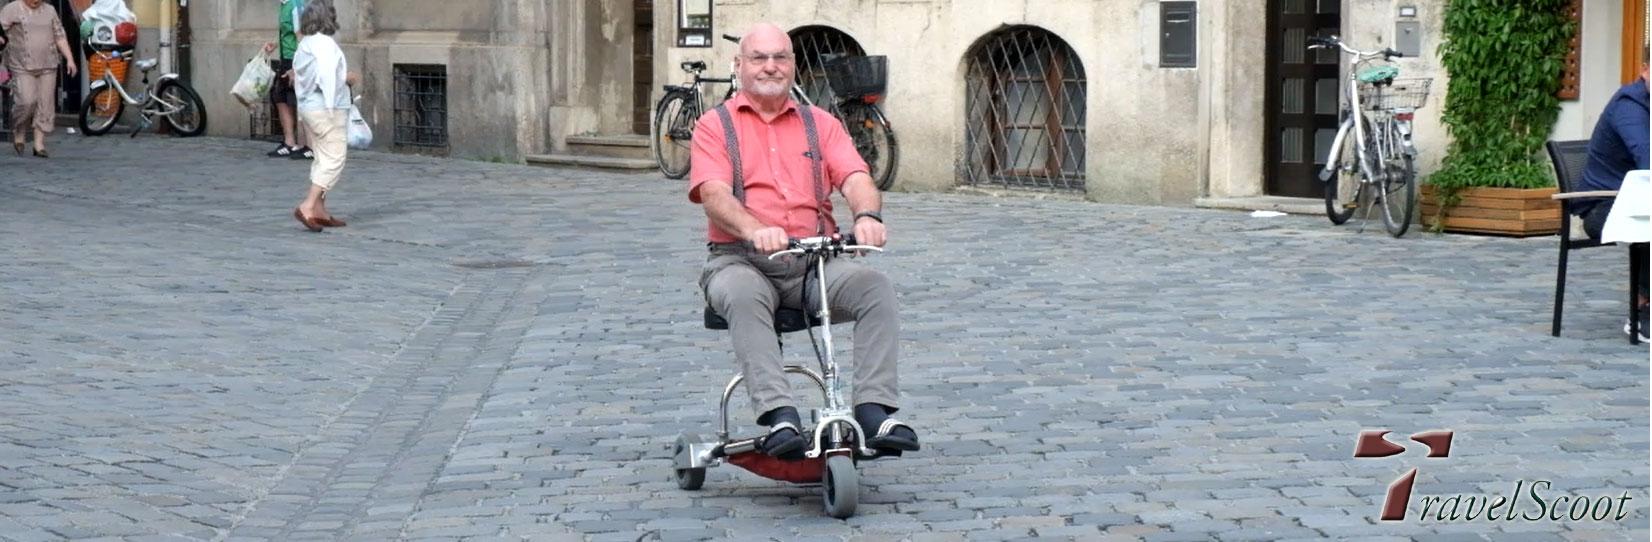 TravelScoot   escooter de TRAVELSCOOT sales OnlineShop